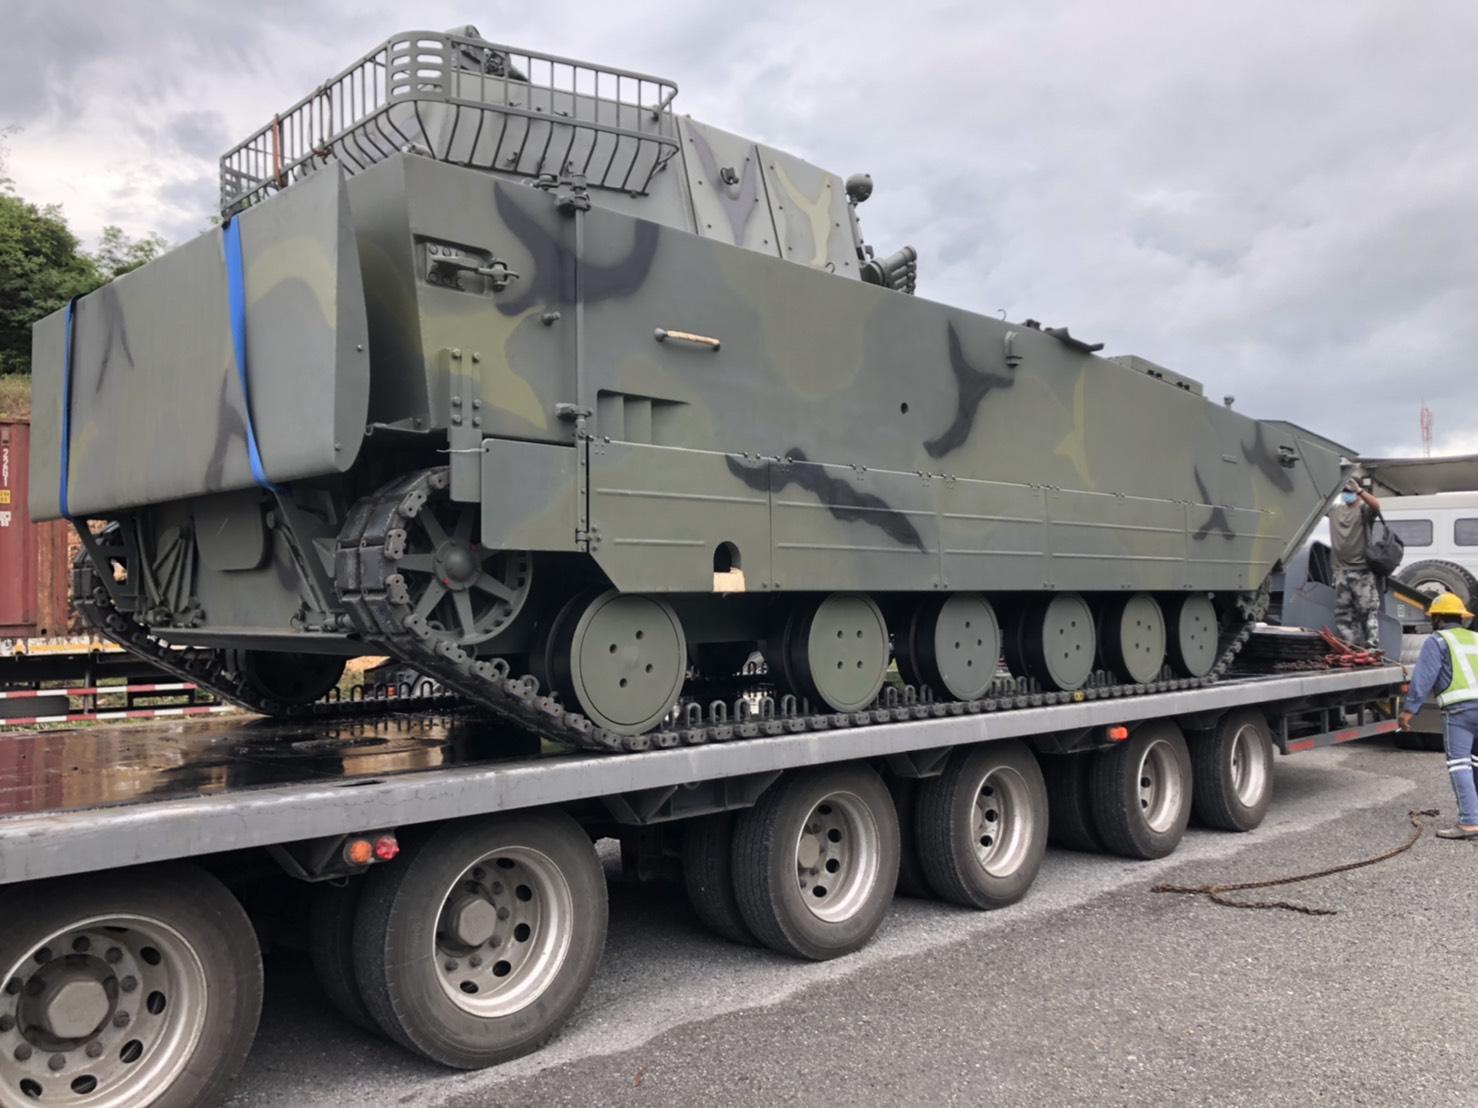 ทร. ยันจัดซื้อรถถัง VN16 จากจีน ก่อนโควิด-19 ระบาด